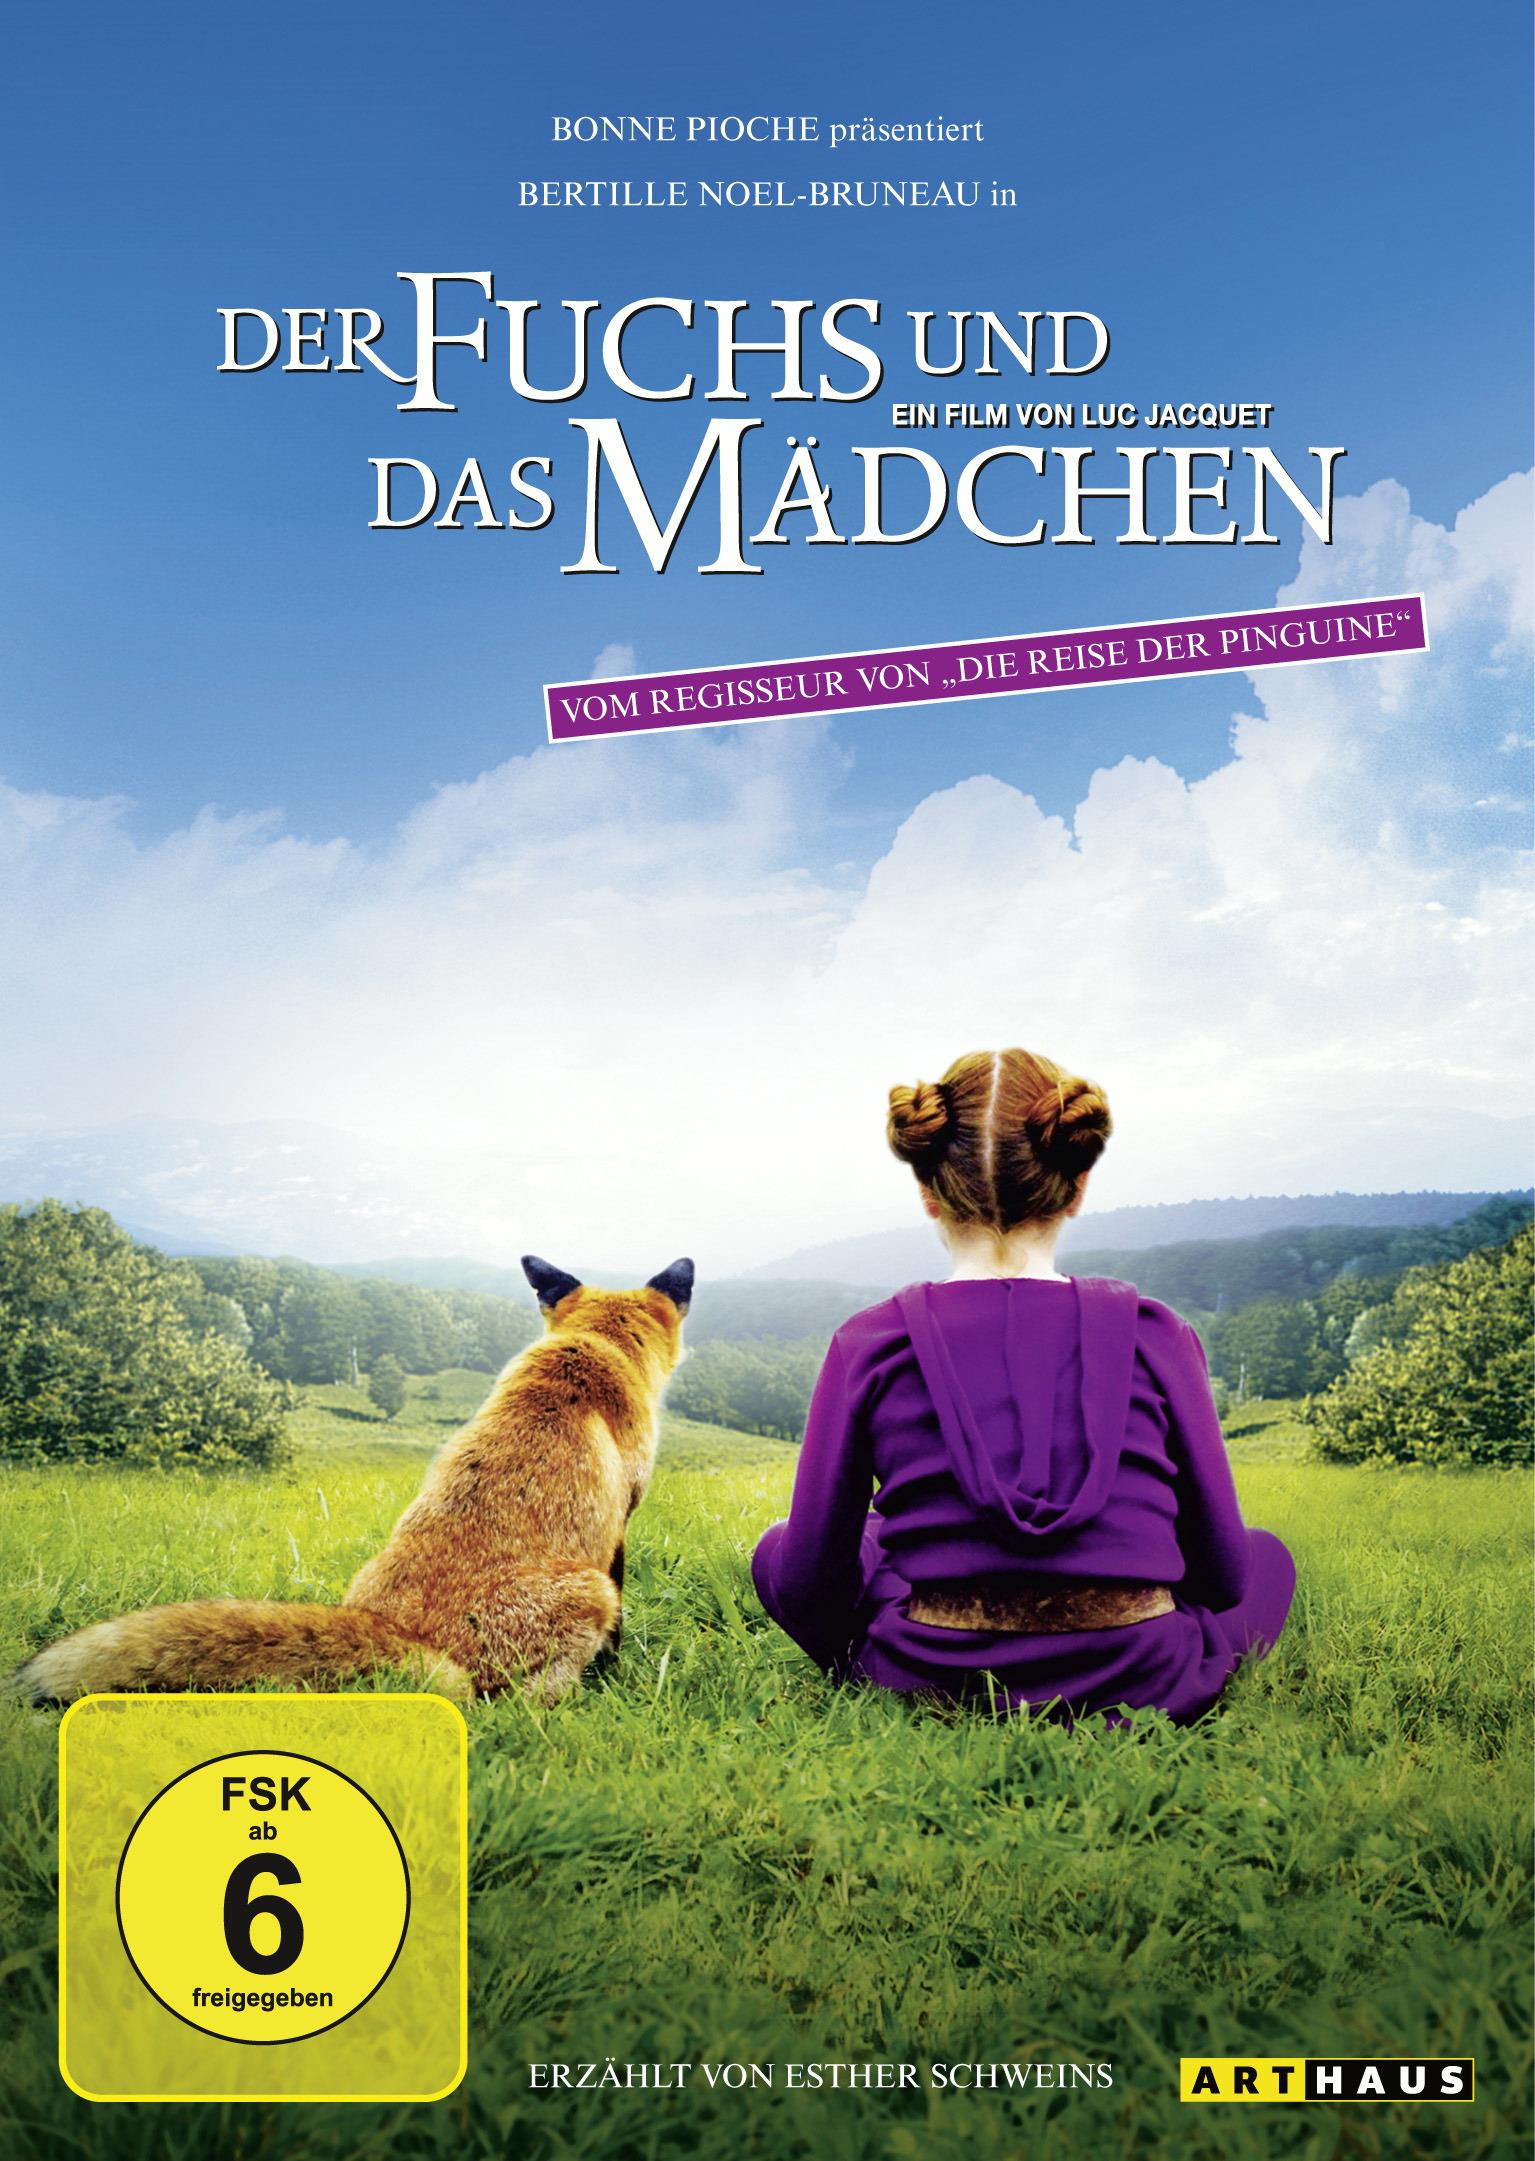 Der Fuchs und das Mädchen (Einzel-DVD) Poster